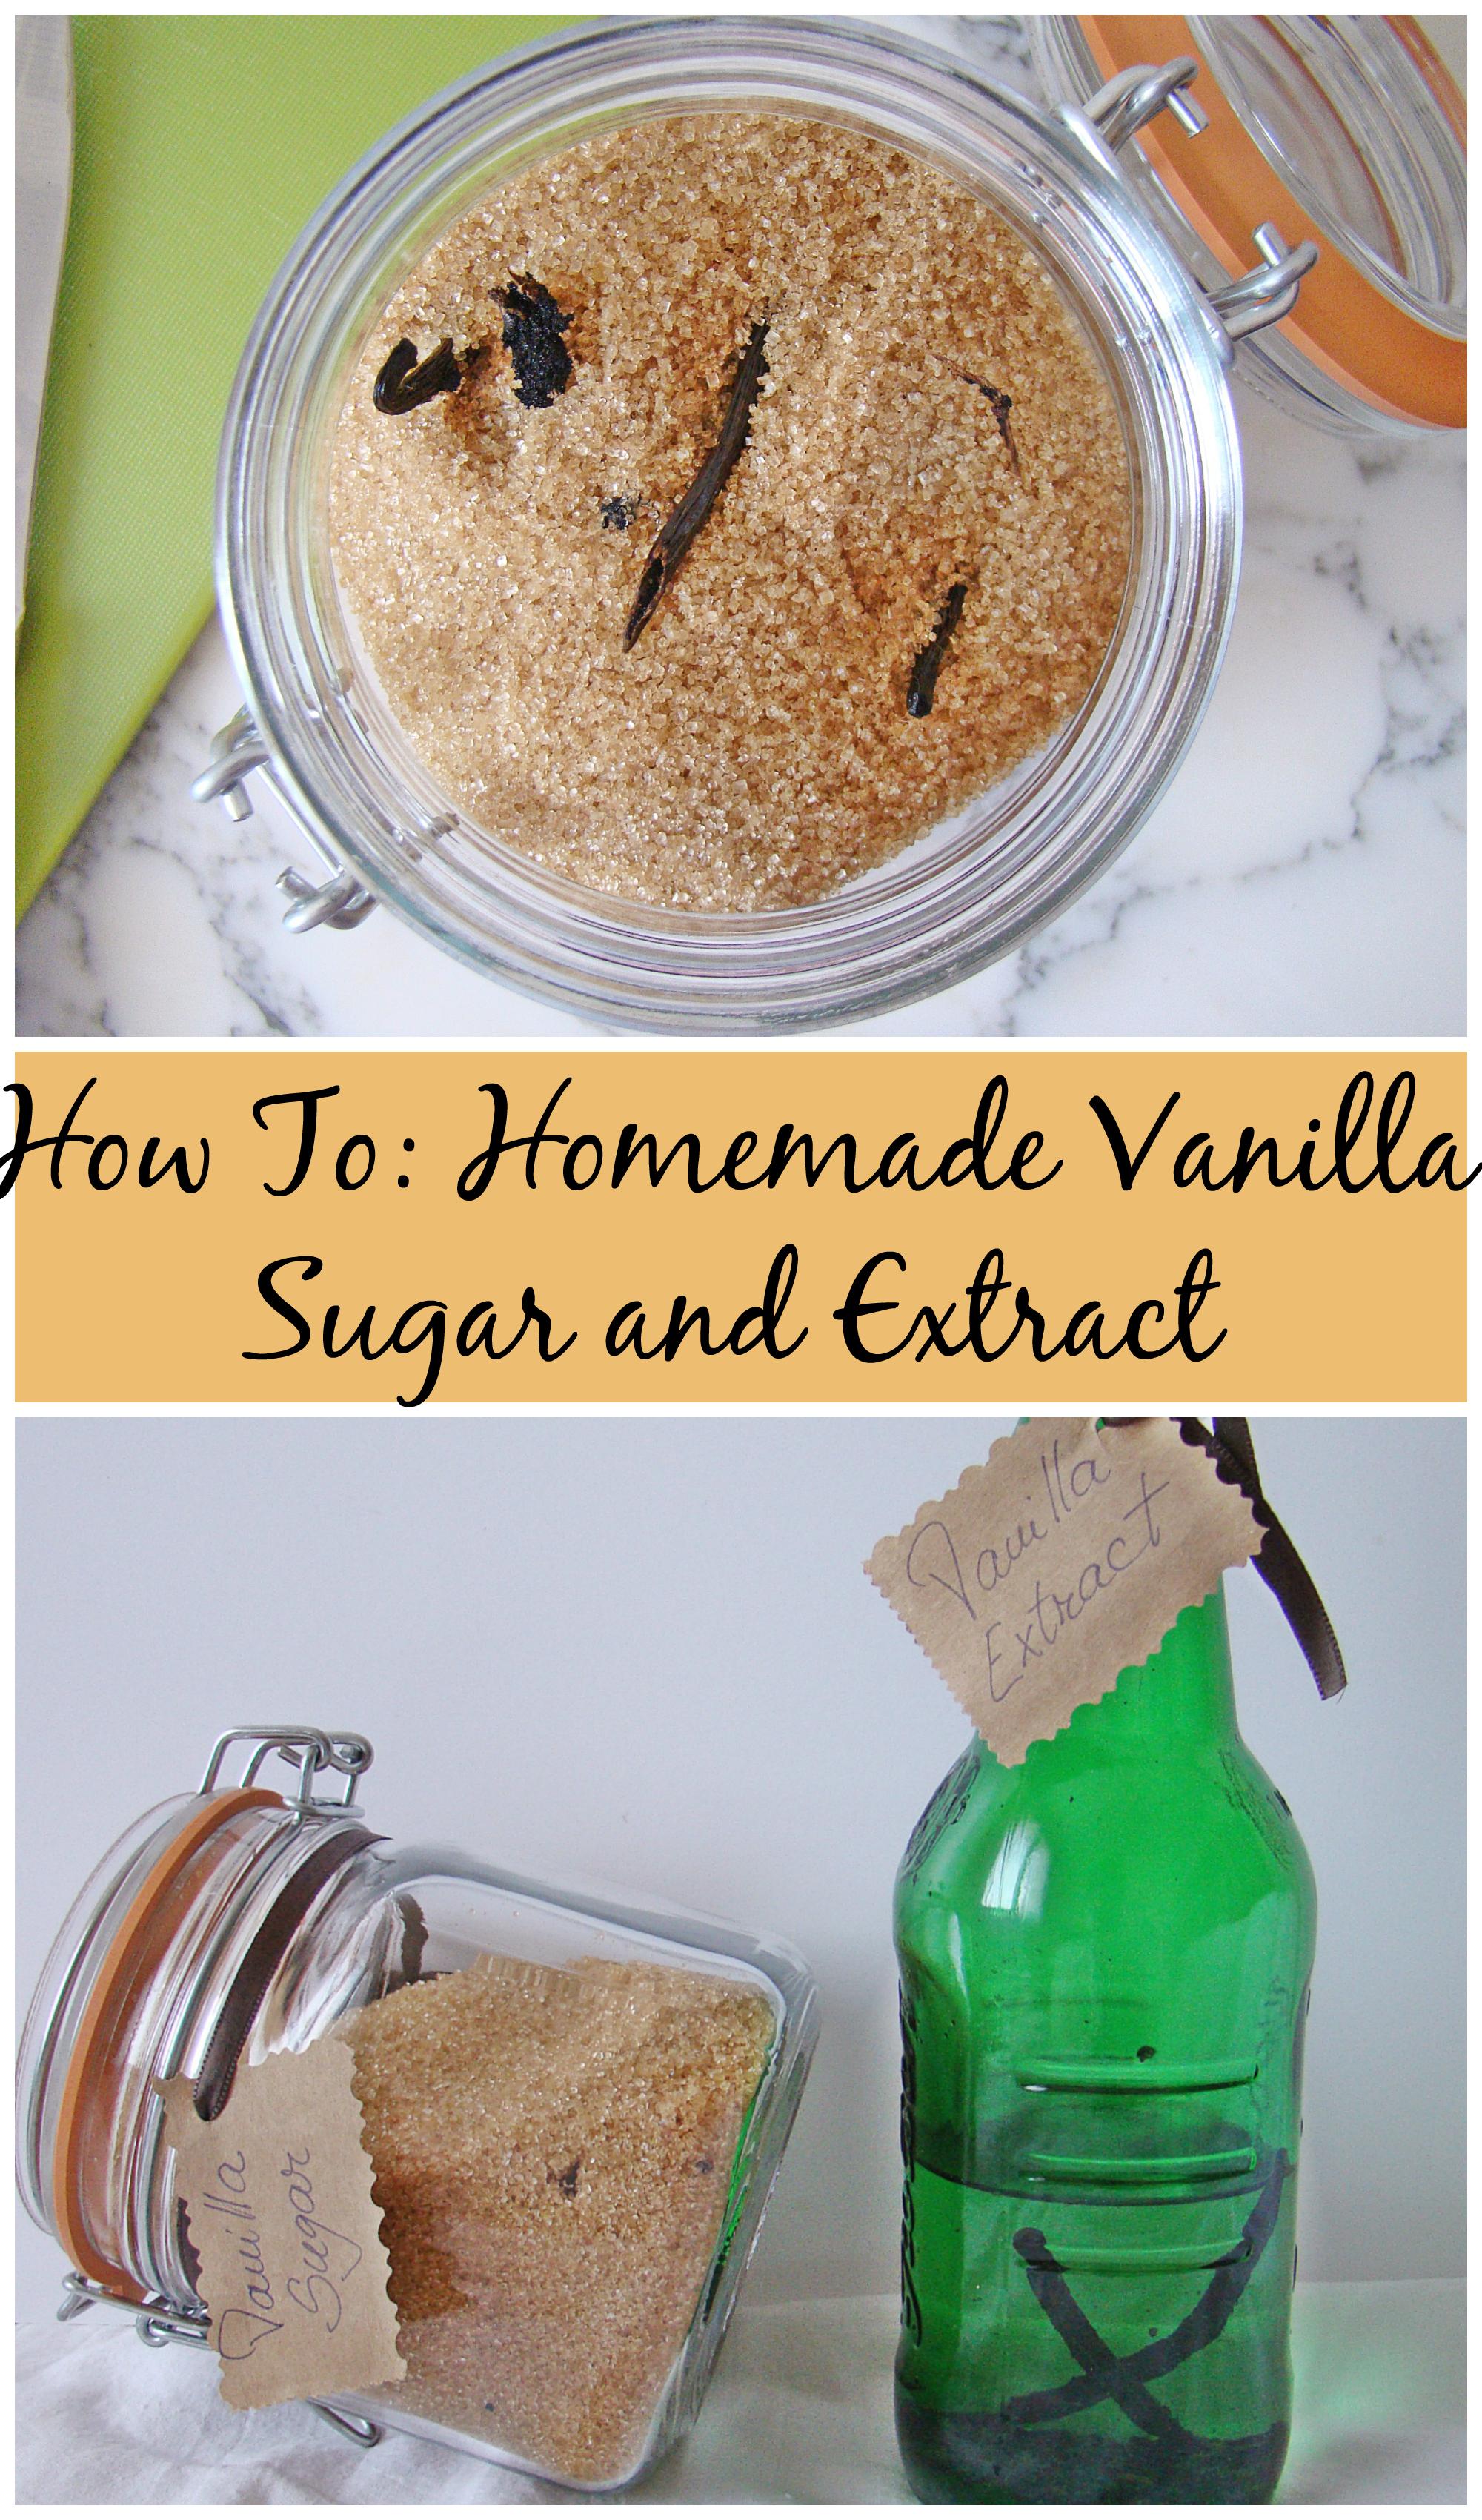 homemade-vanilla-sugar-and-extract